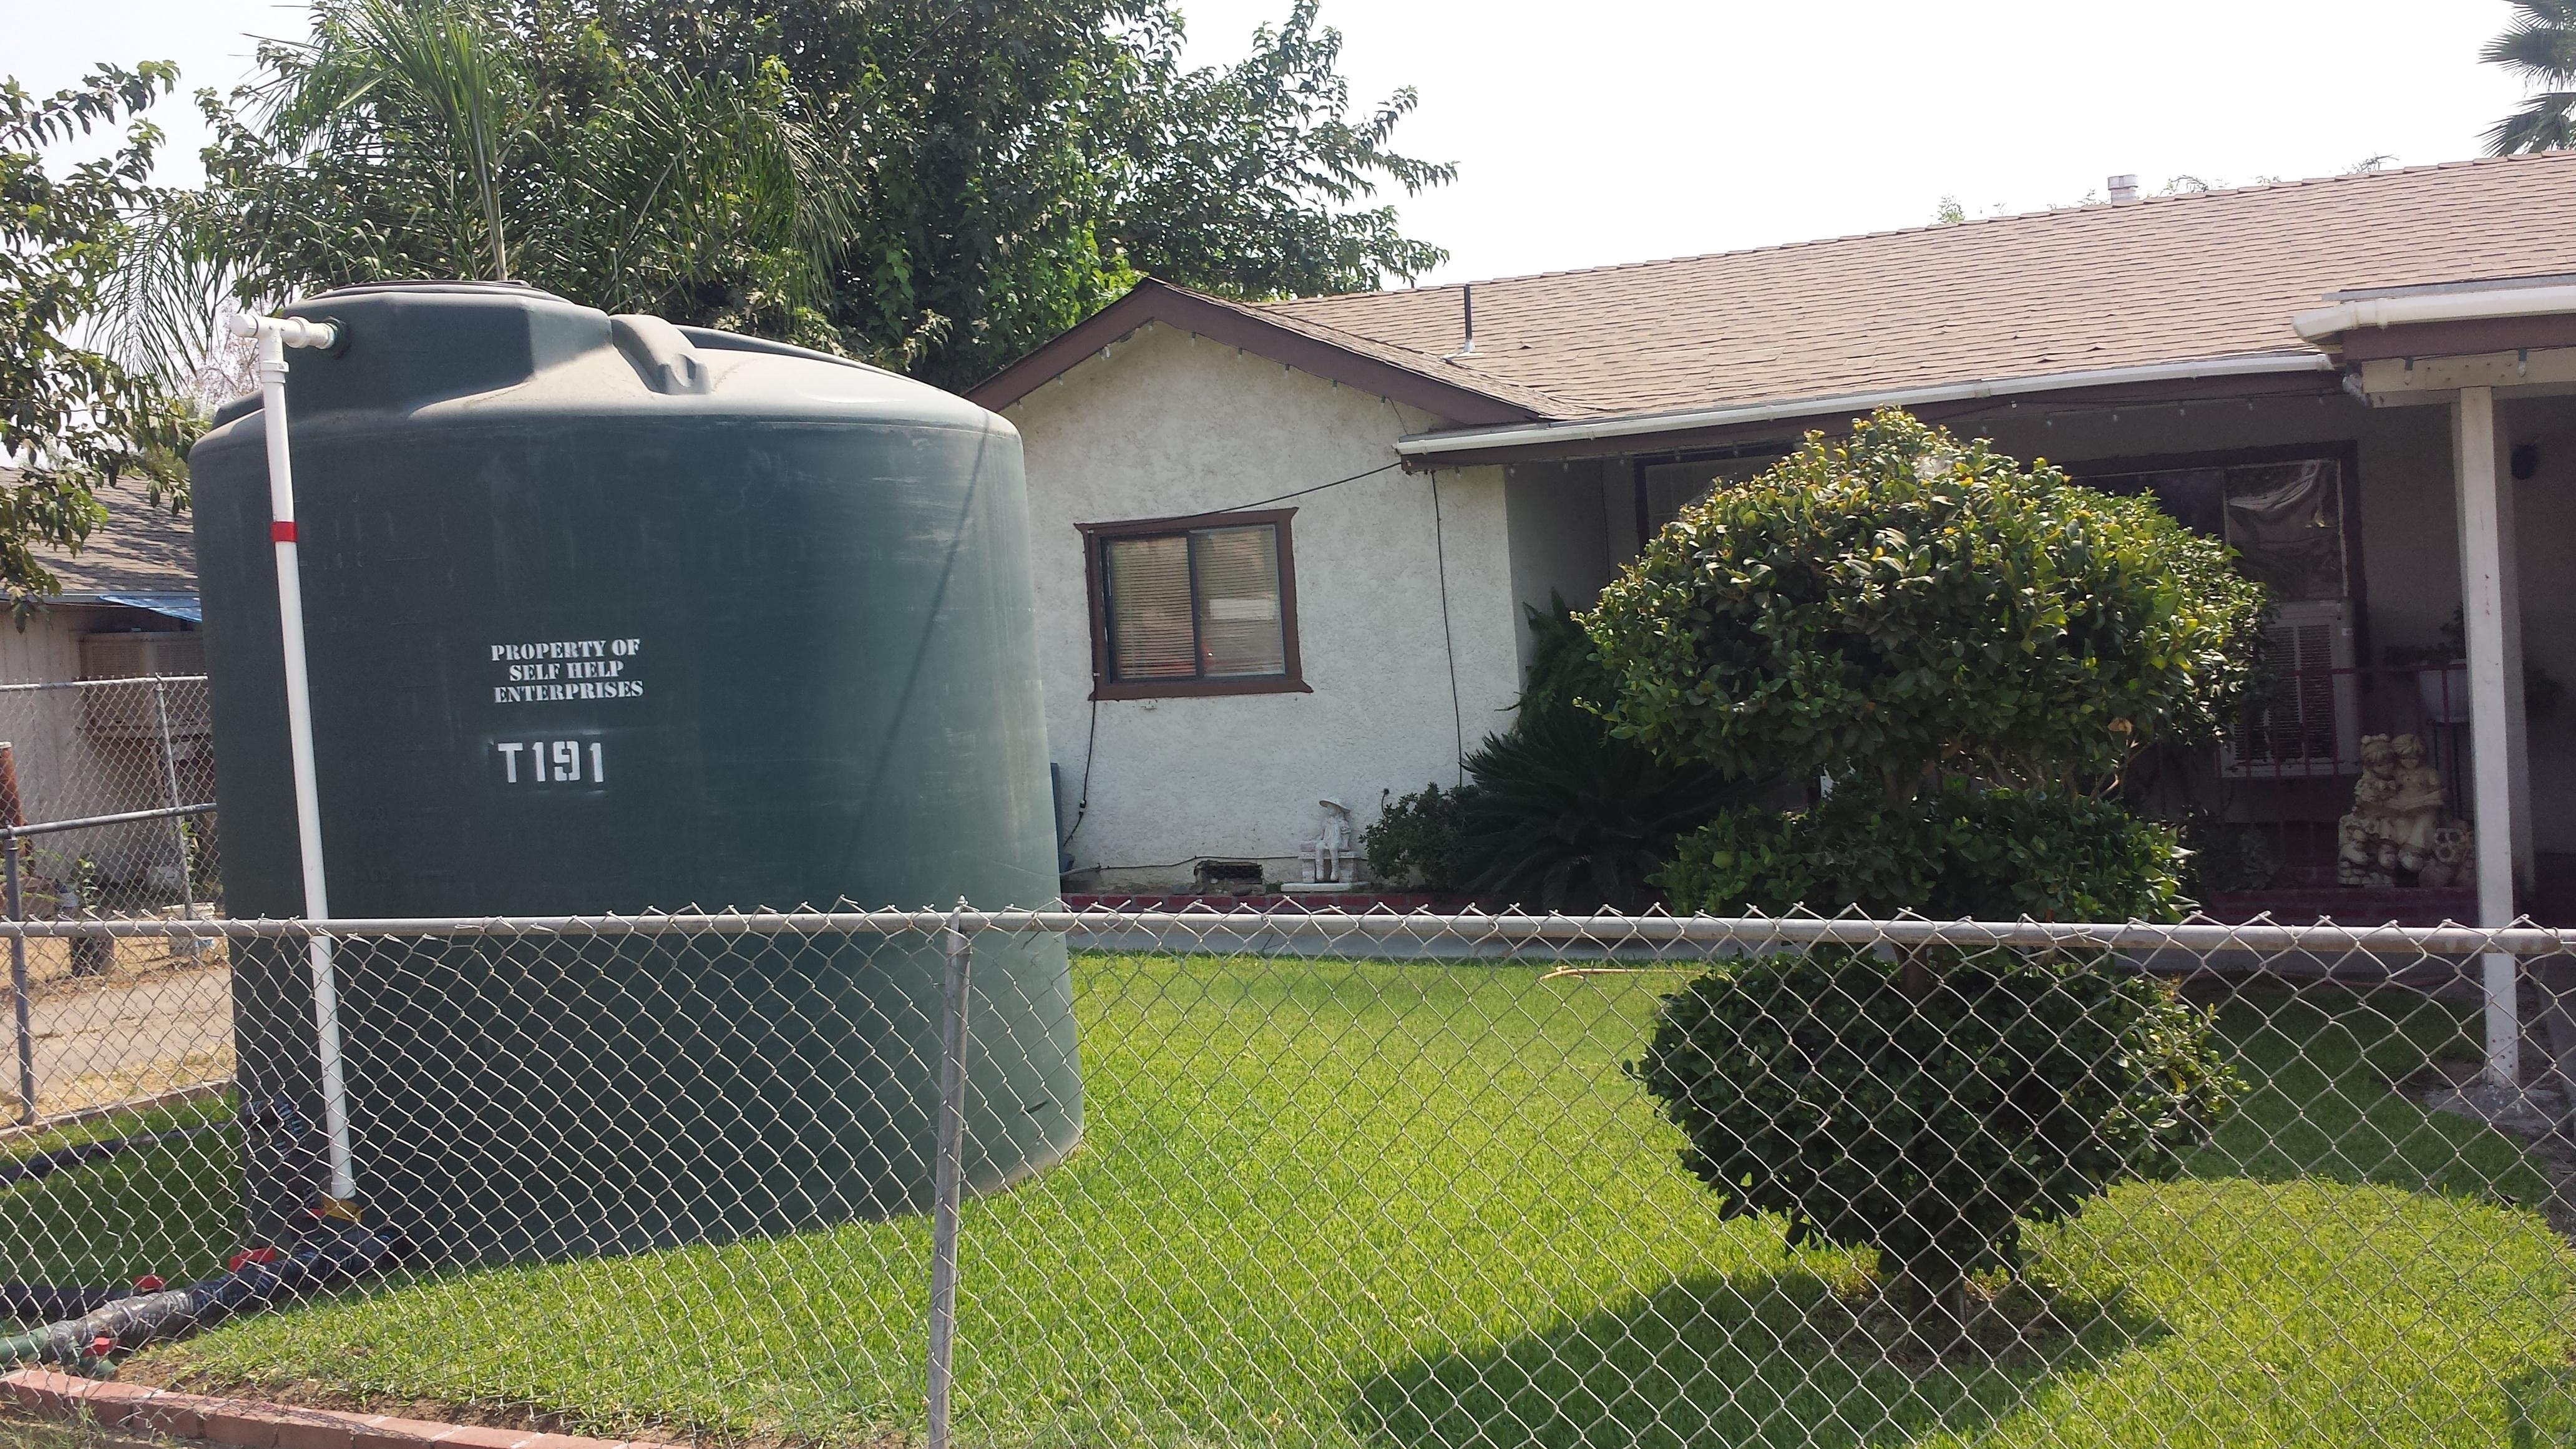 Contenedor de agua, proporcionado por el gobierno para ayudar a residentes cuyos pozos se secaron.